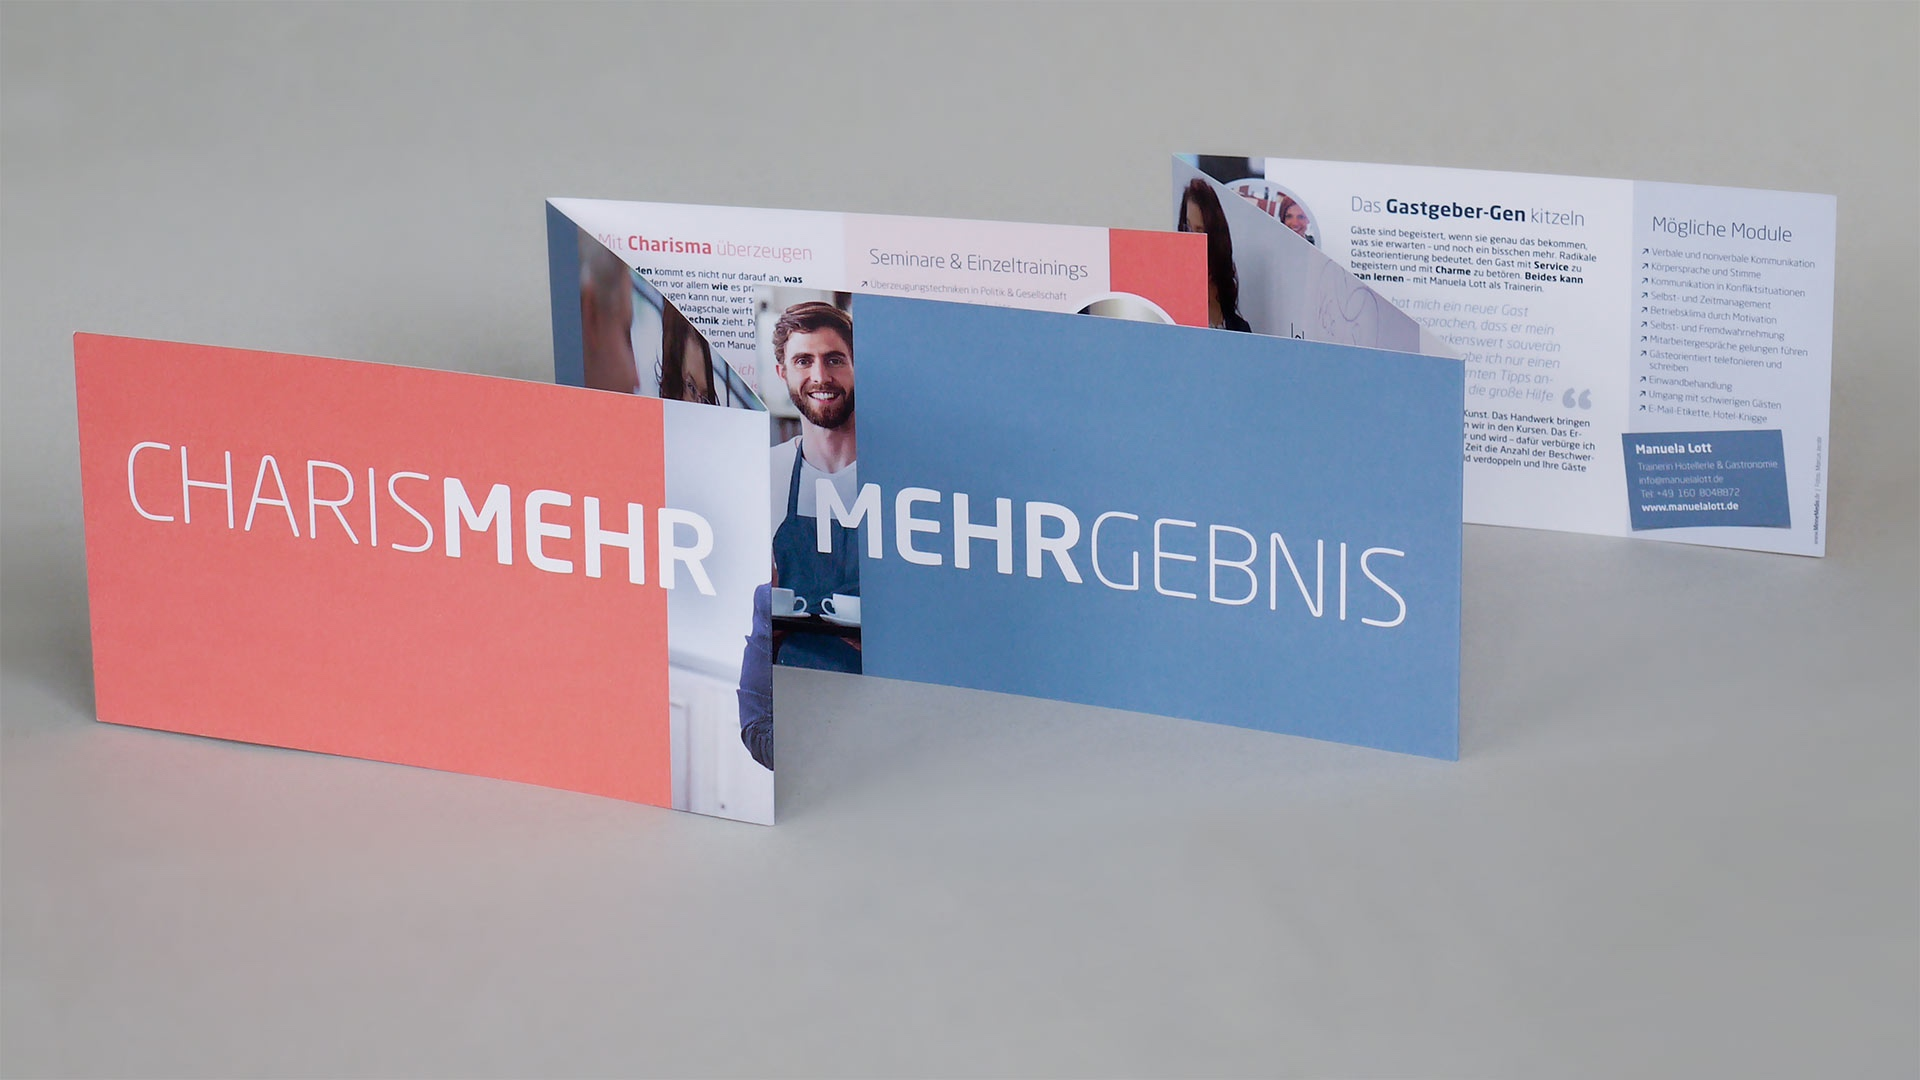 thomasdruck-lott-charismehr-mehrgebnis__1150186 Thomas Verlag und Druckerei GmbH - Referenzen- Manuela Lott